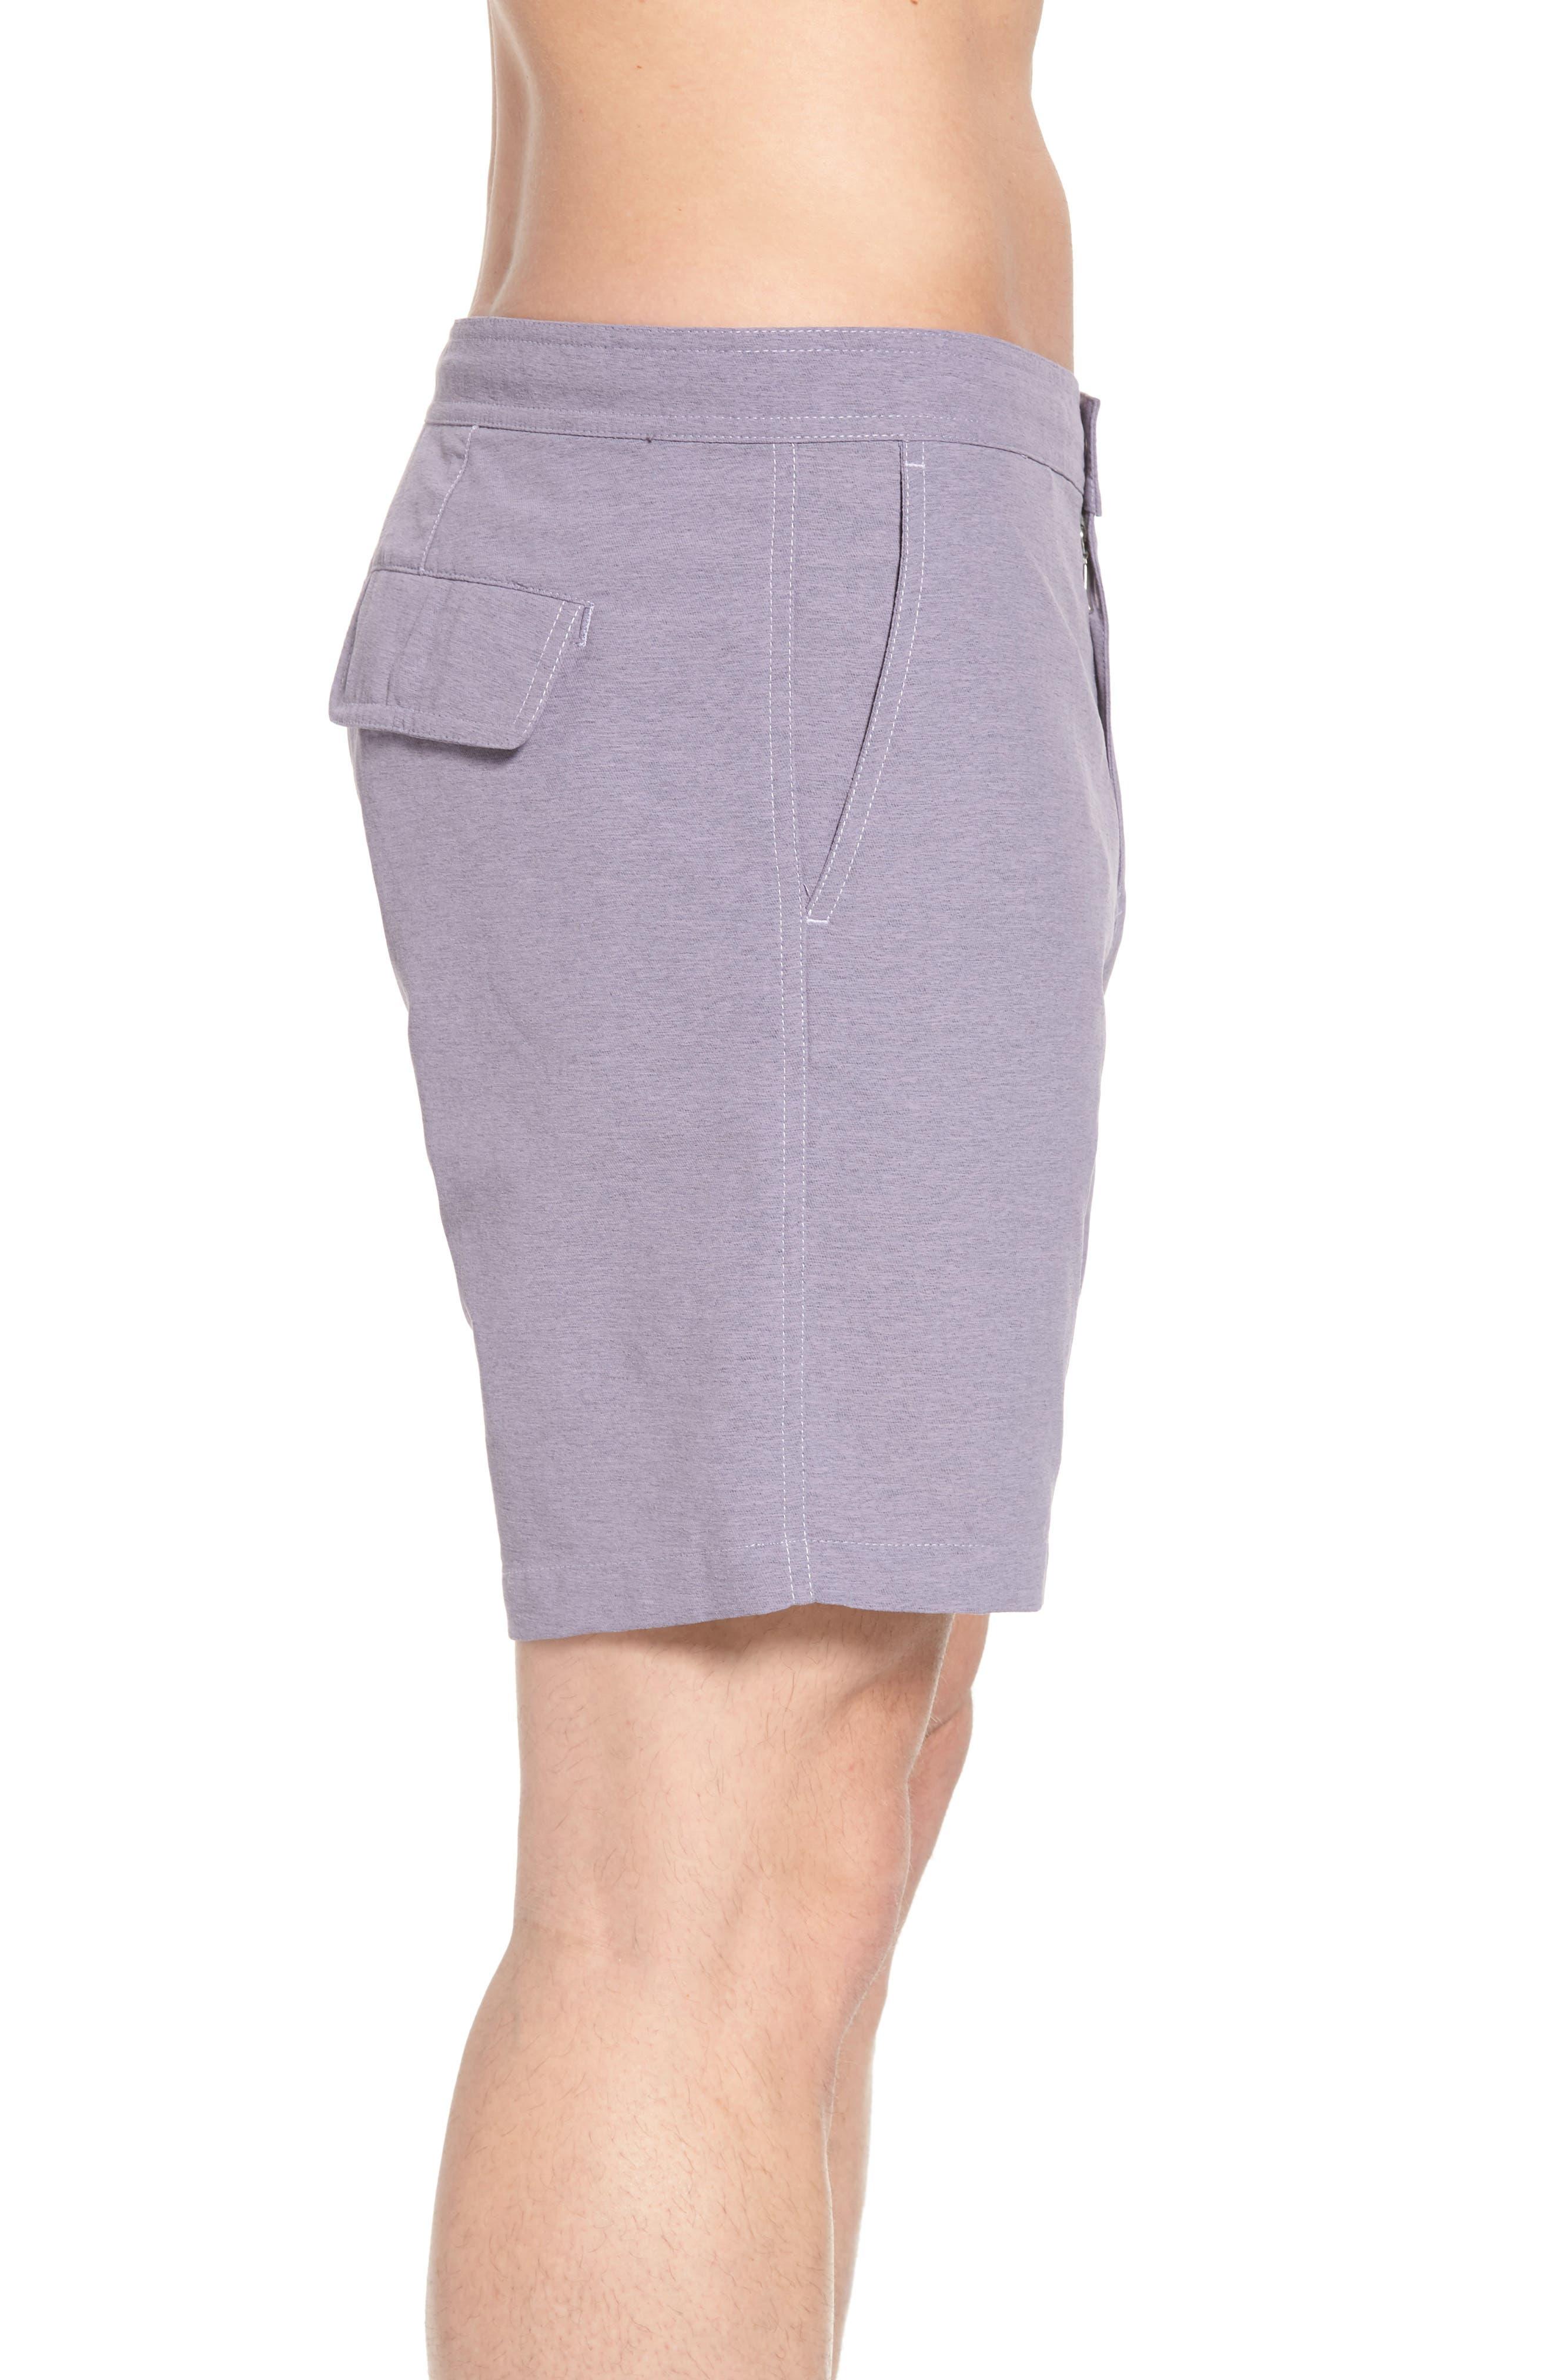 Bond Hybrid Shorts,                             Alternate thumbnail 3, color,                             Venice Purple